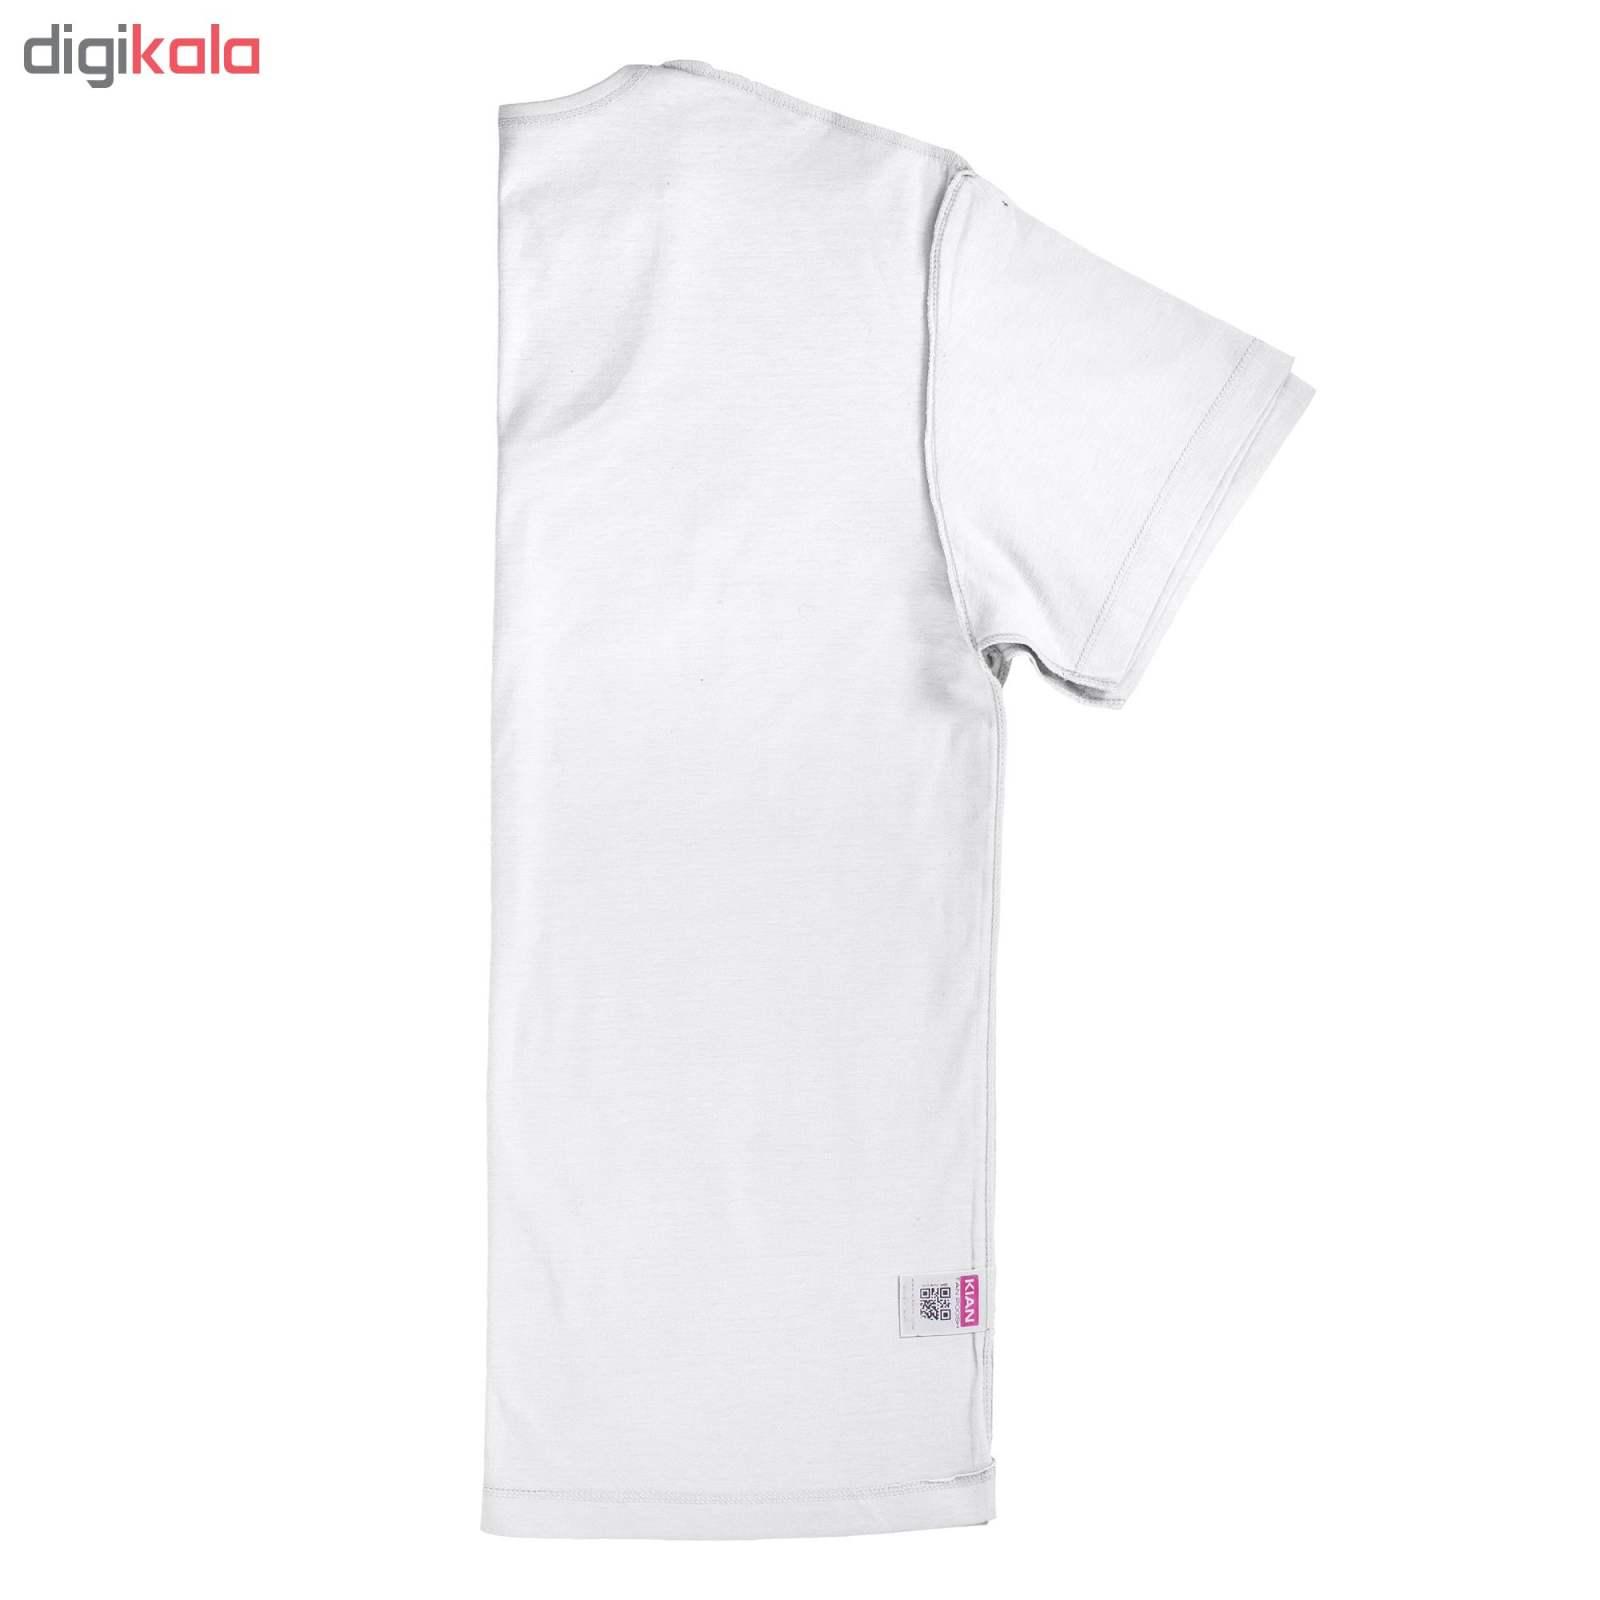 زیرپوش مردانه کیان تن پوش مدل U Neck Shirt Classic W مجموعه 6 عددی main 1 4